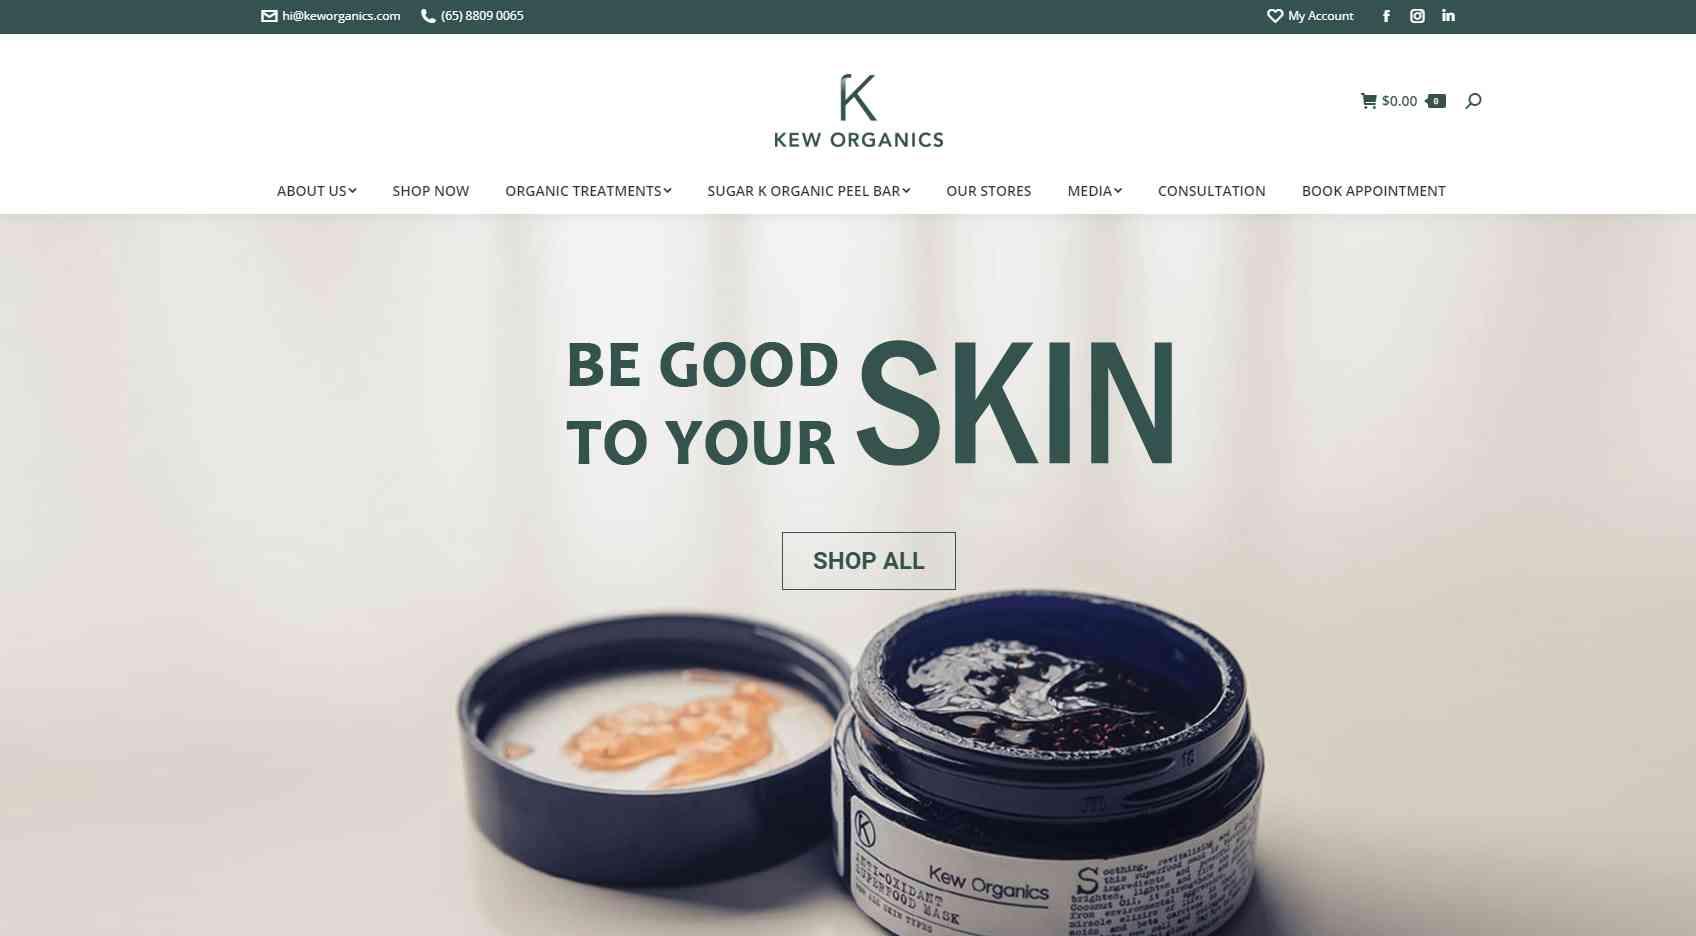 kew organics Top Facial Salons in Singapore